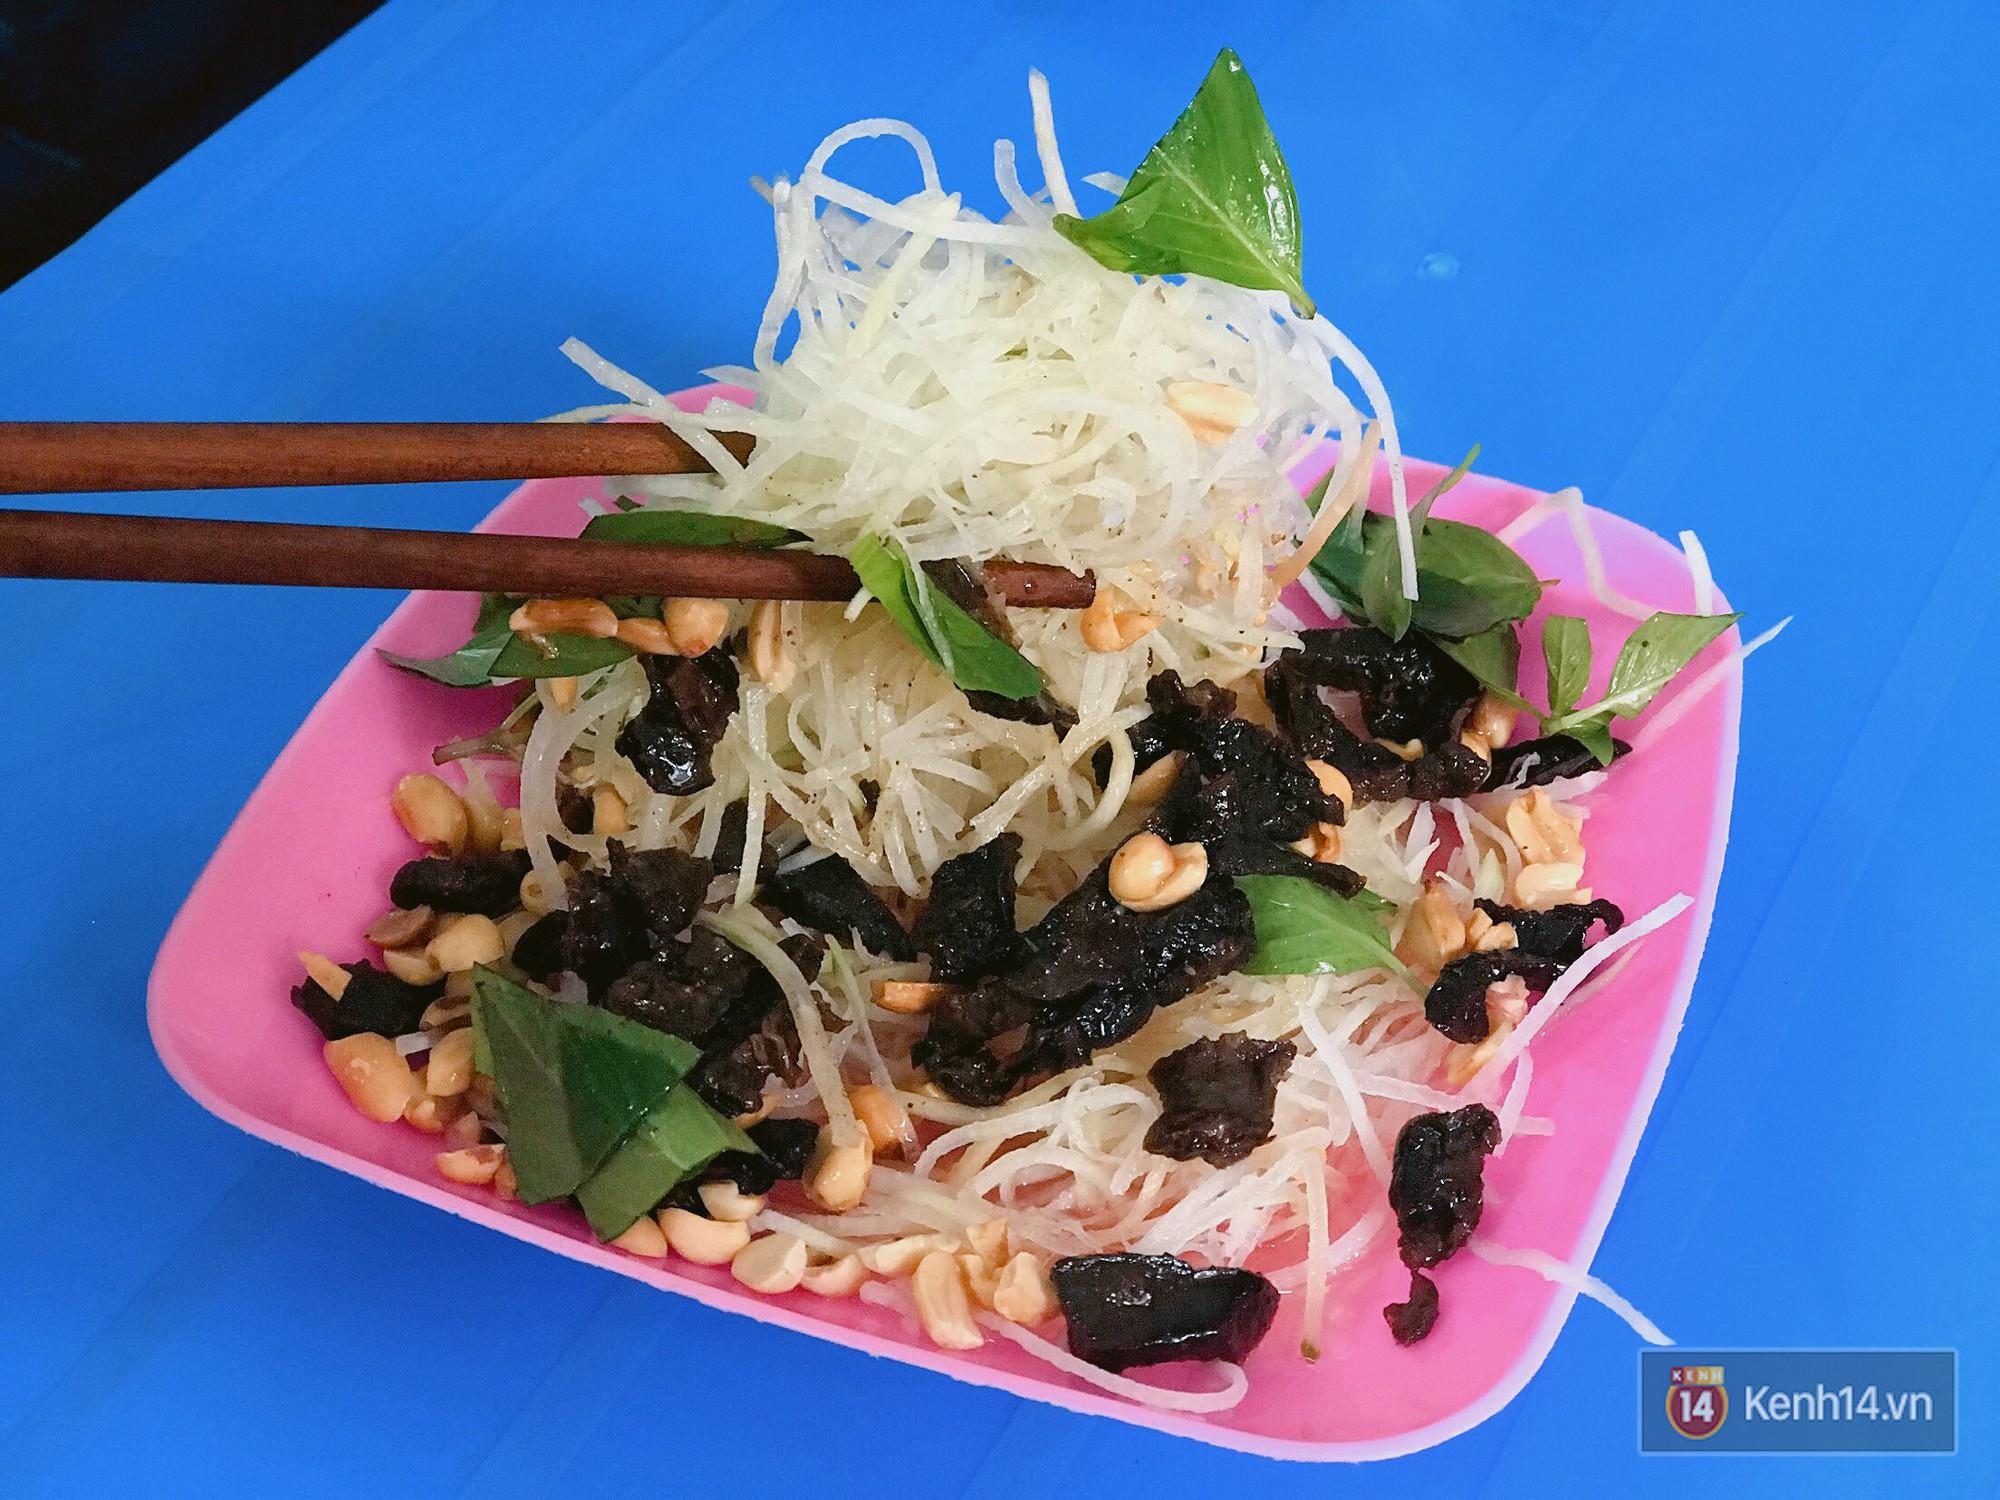 Xế chiều Sài Gòn mát trời, còn gì bằng nhâm nhi những món gỏi ăn vặt ngon tê tái như này - Ảnh 4.